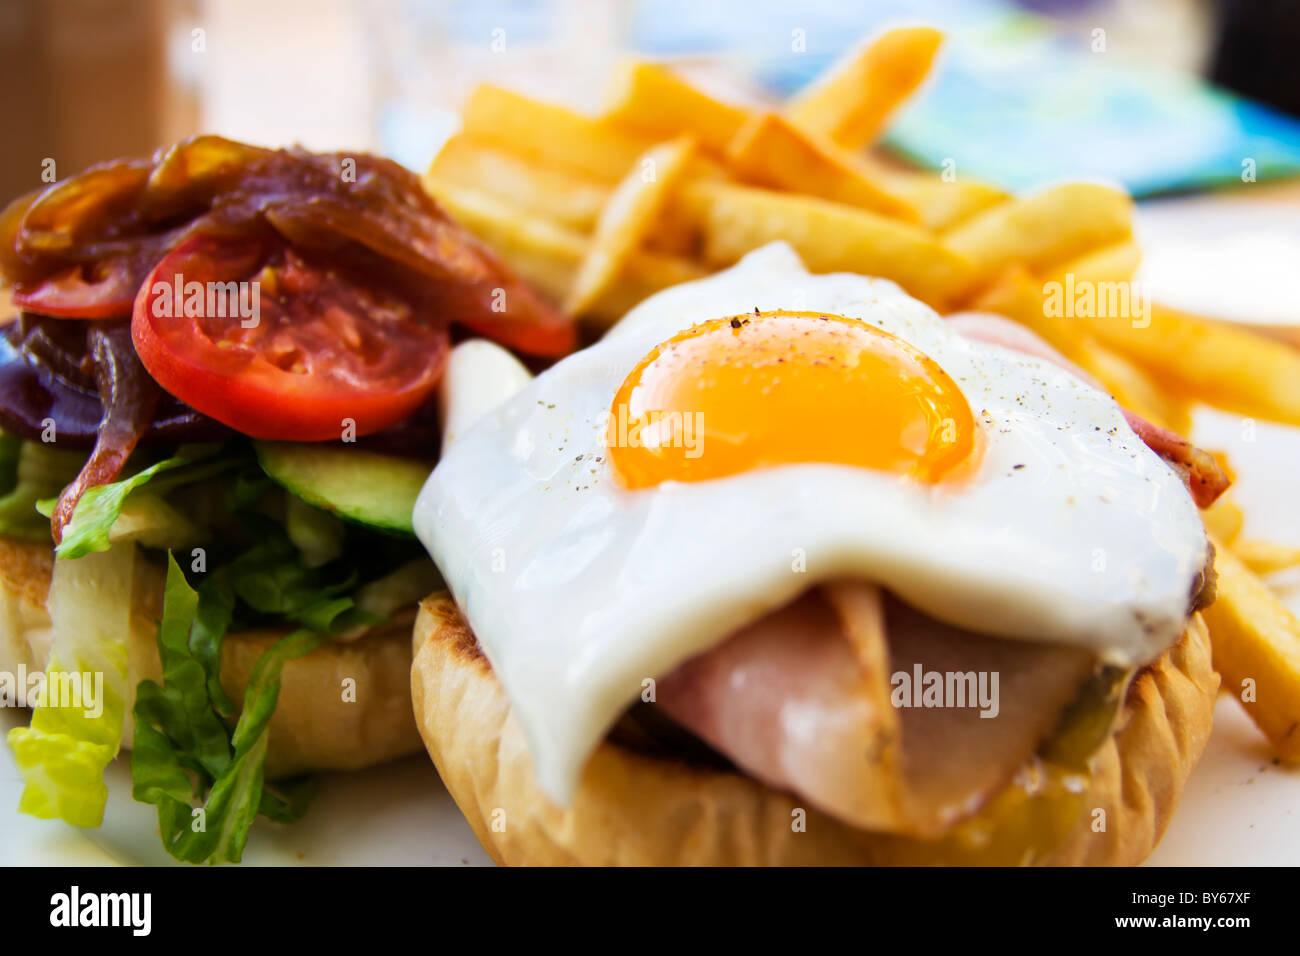 Wagyu-Beef-Burger mit Chips, Speck, Schinken, Ei und Gemüse Stockfoto